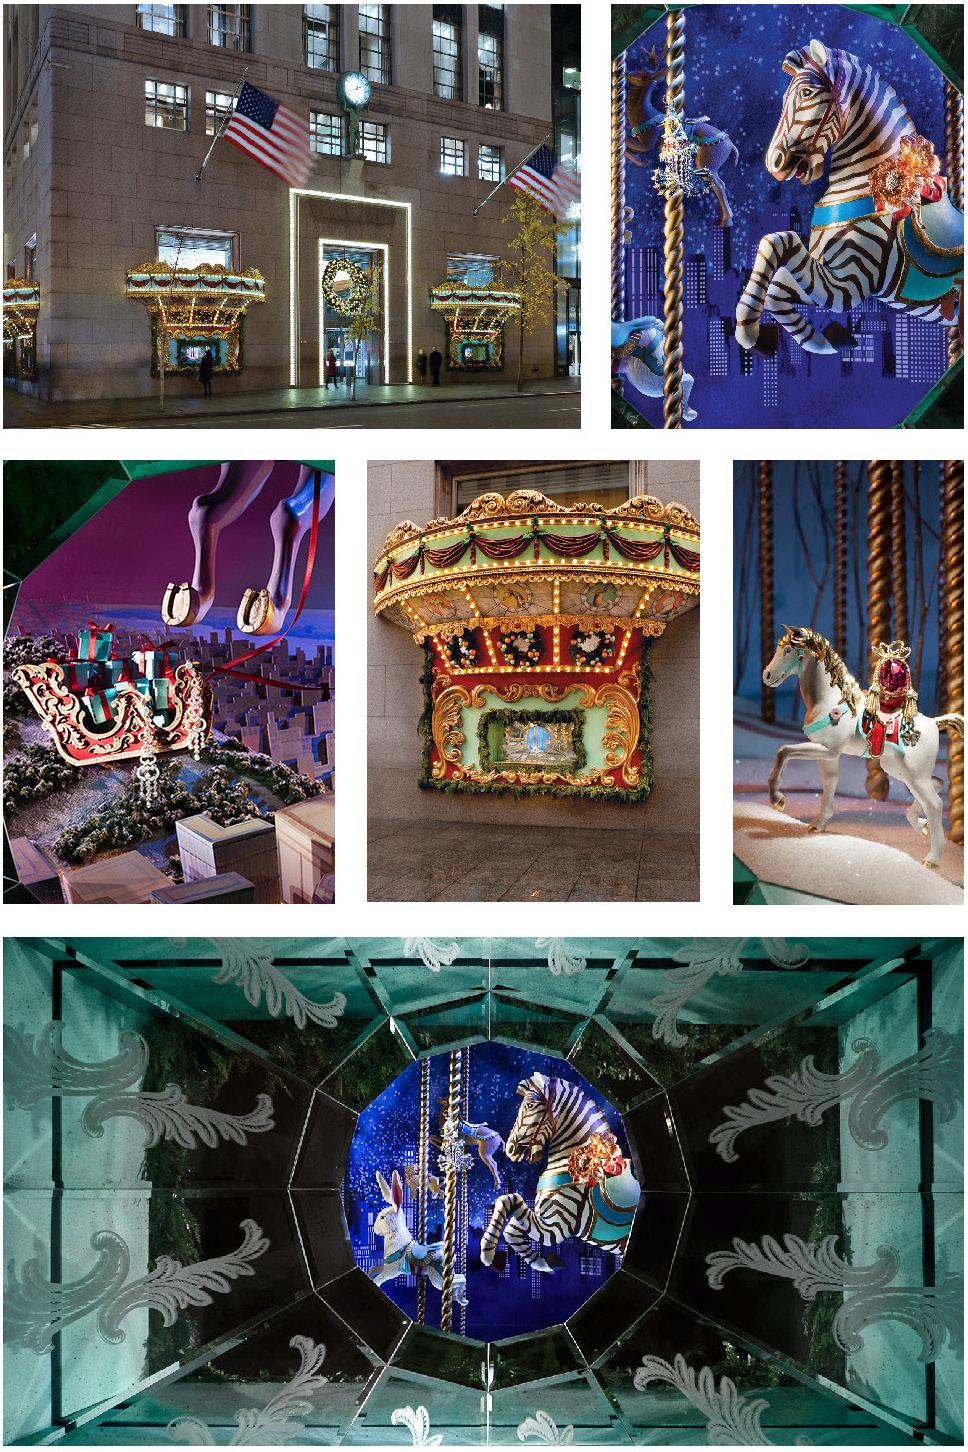 Carousel Windows.jpg